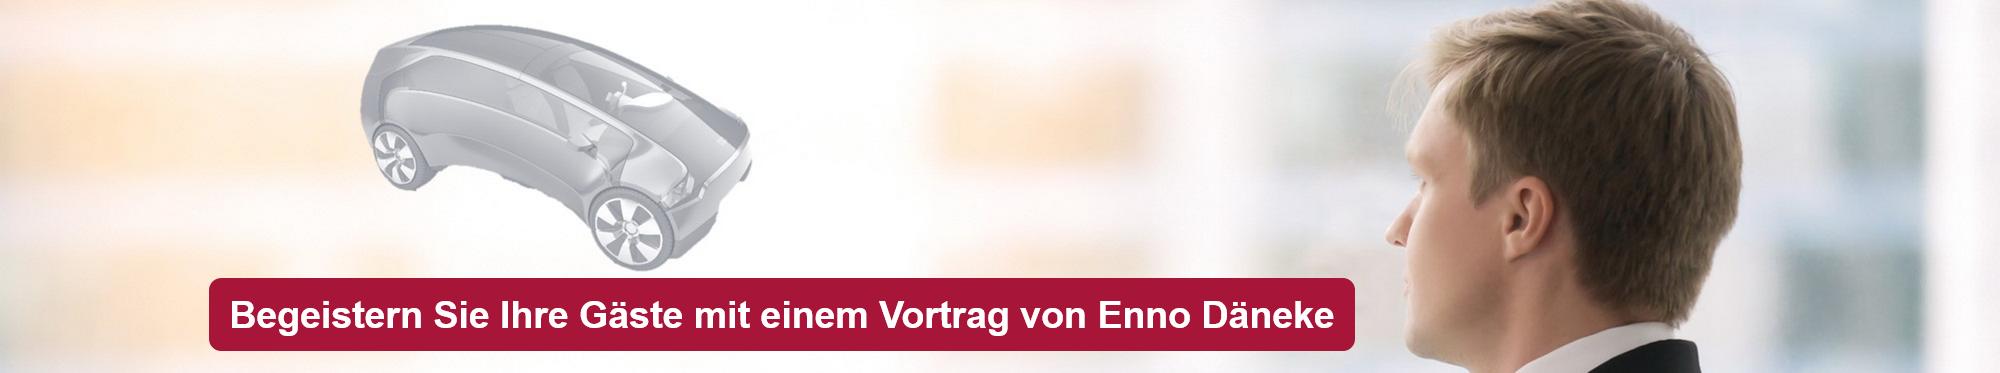 Begeistern Sie Ihre Gäste mit einem Vortrag von Enno Däneke